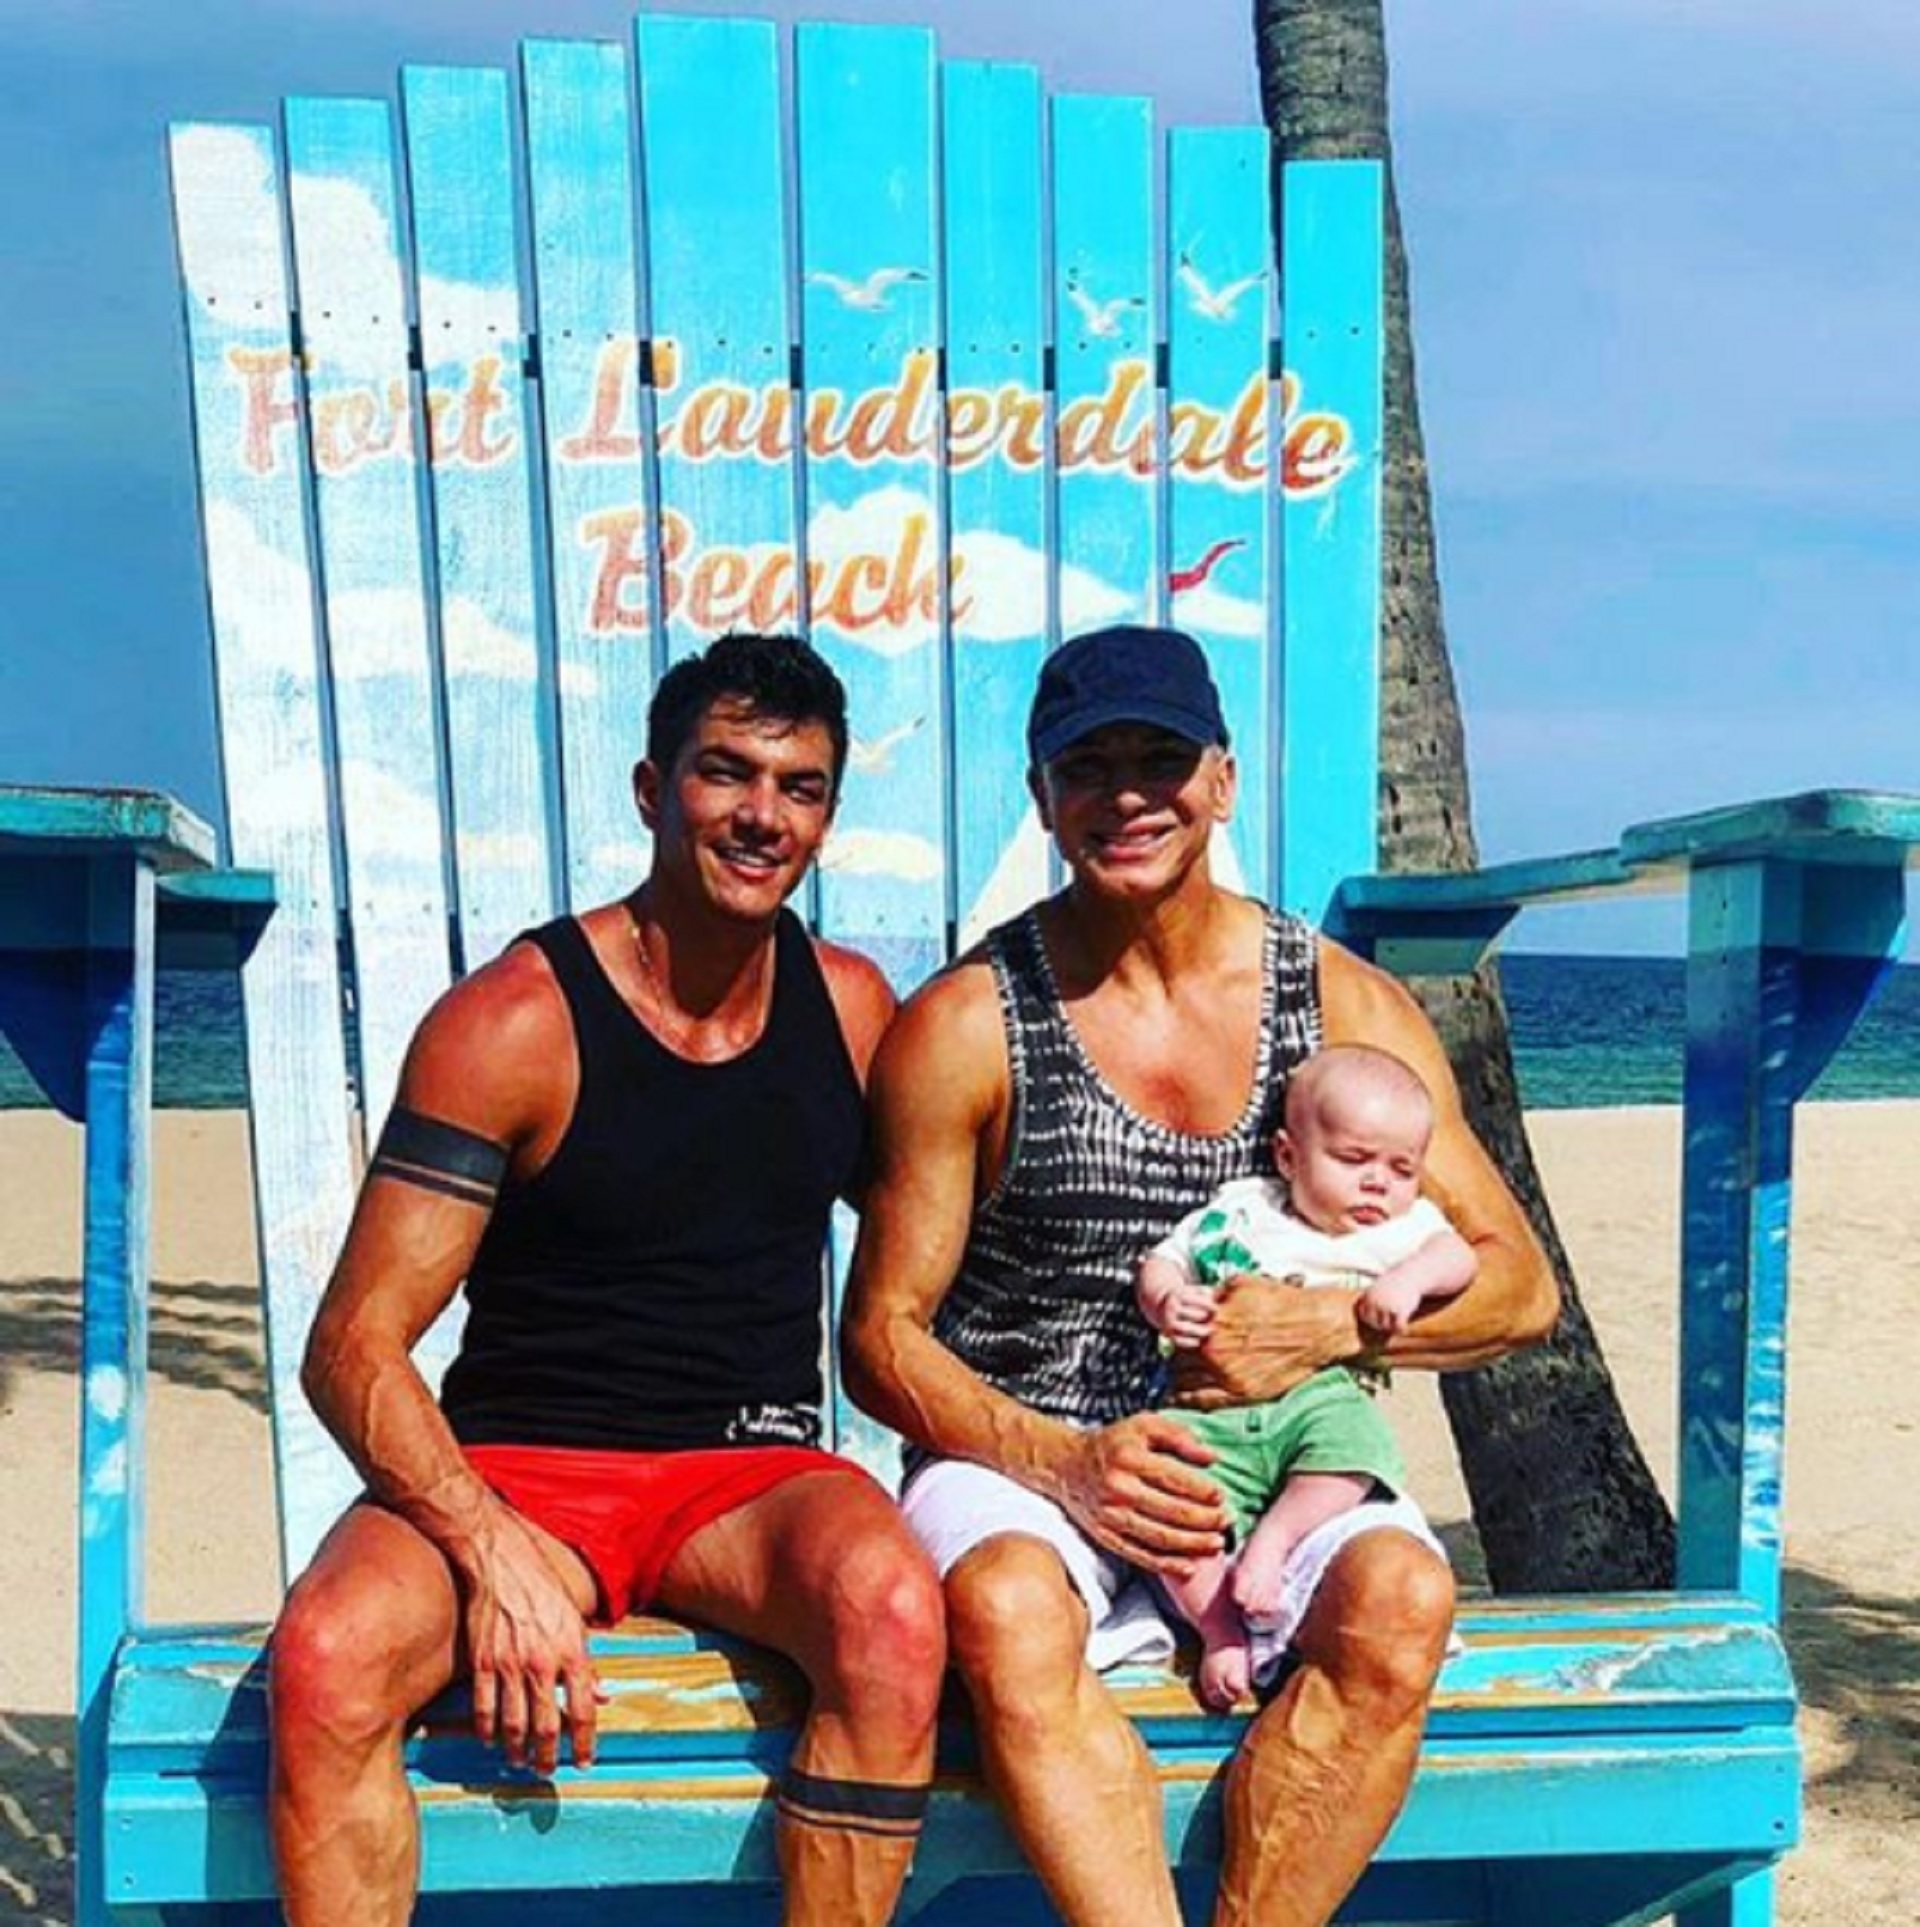 Tras muchos años de estar solo, Flavio Mendoza (43) está en pareja con Daniel Allodi (32). El empresario es dueño de un solarium ubicado en la zona de Caseros (Instagram)